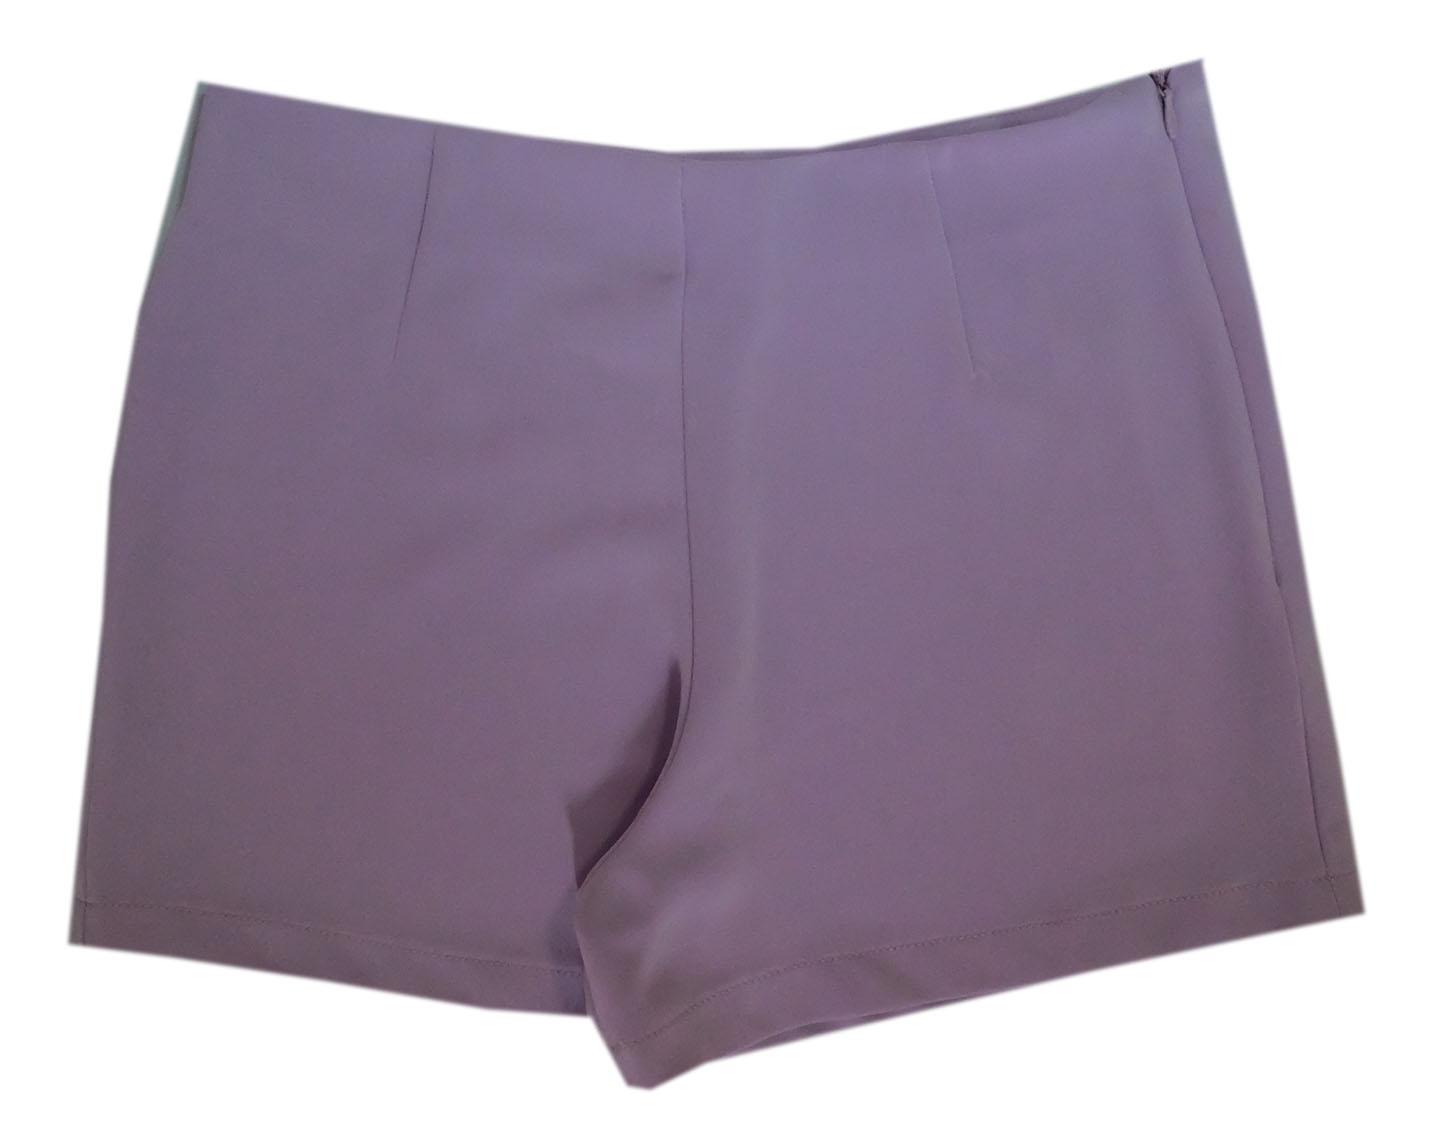 กางเกงขาสั้นเอวสูงขอบเรียบผ้าฮานาโกะ ซิปซ้าย กระเป๋าขวา สีม่วง Size S M L XL